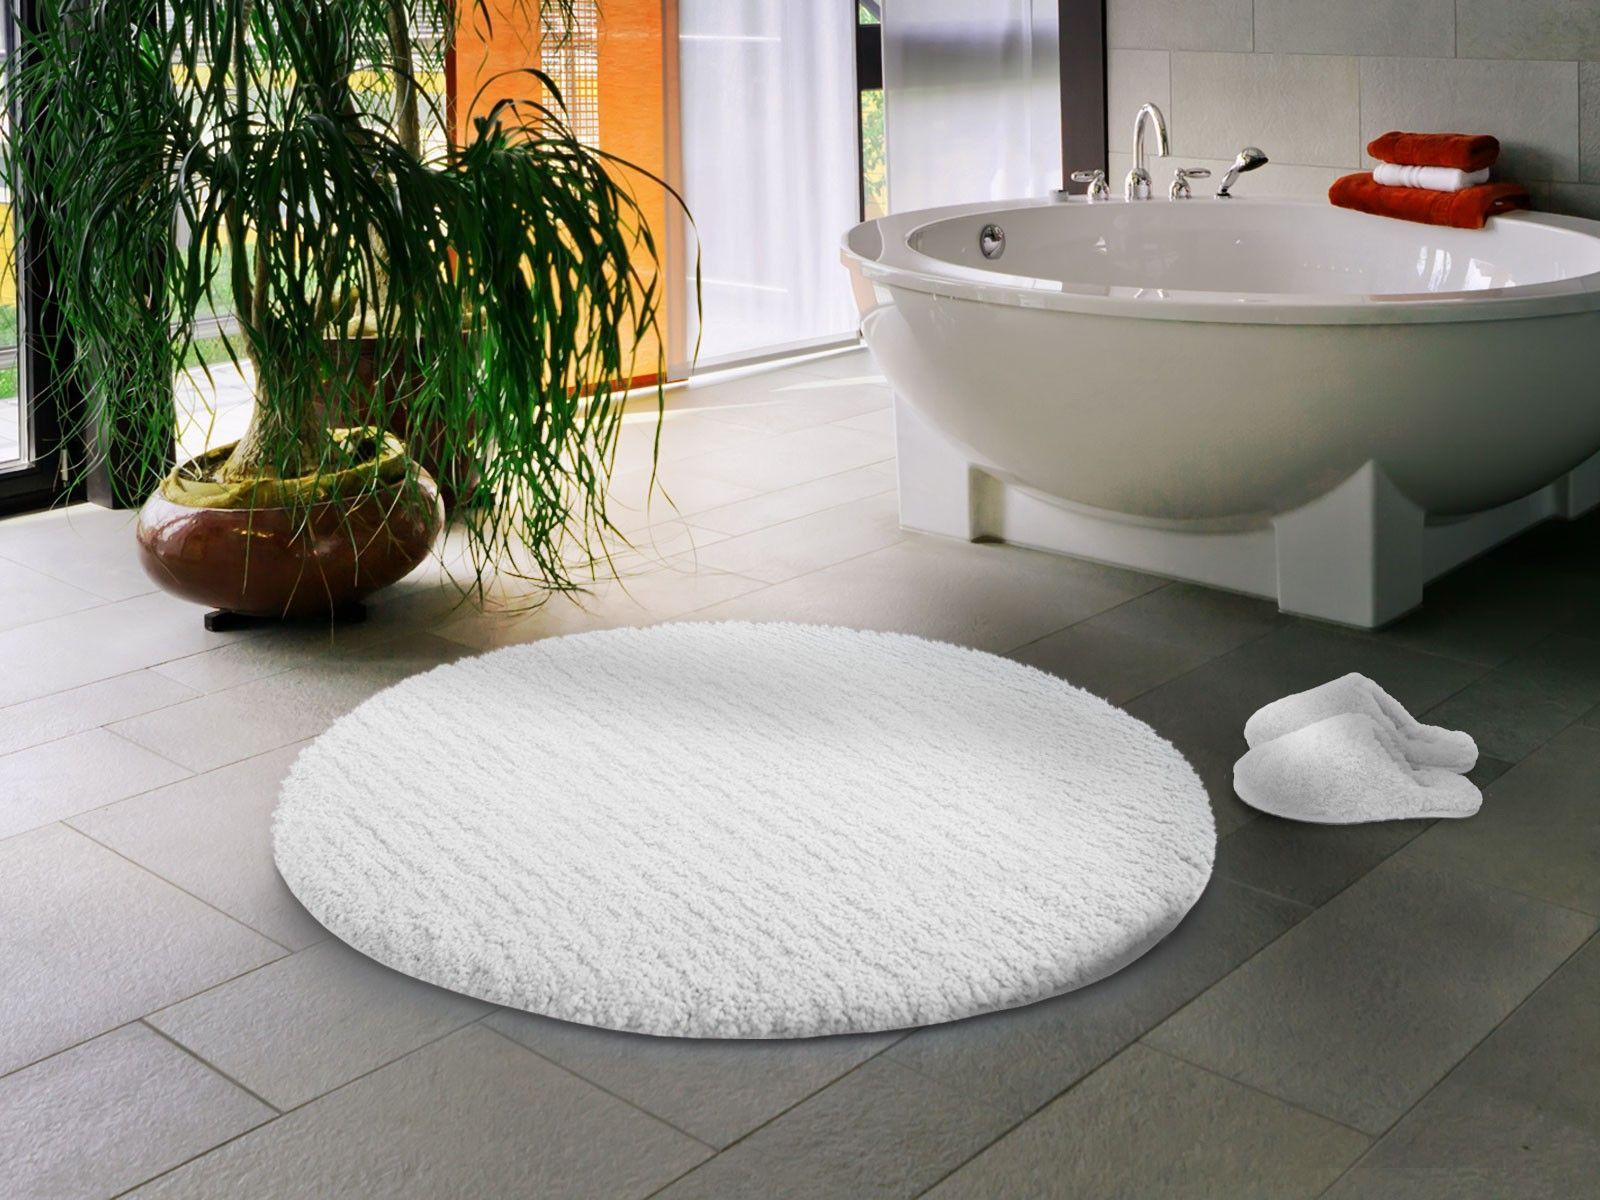 My Saves Alfa Anju Pinterest Bath Rugs And Bath - Small grey bath mat for bathroom decorating ideas